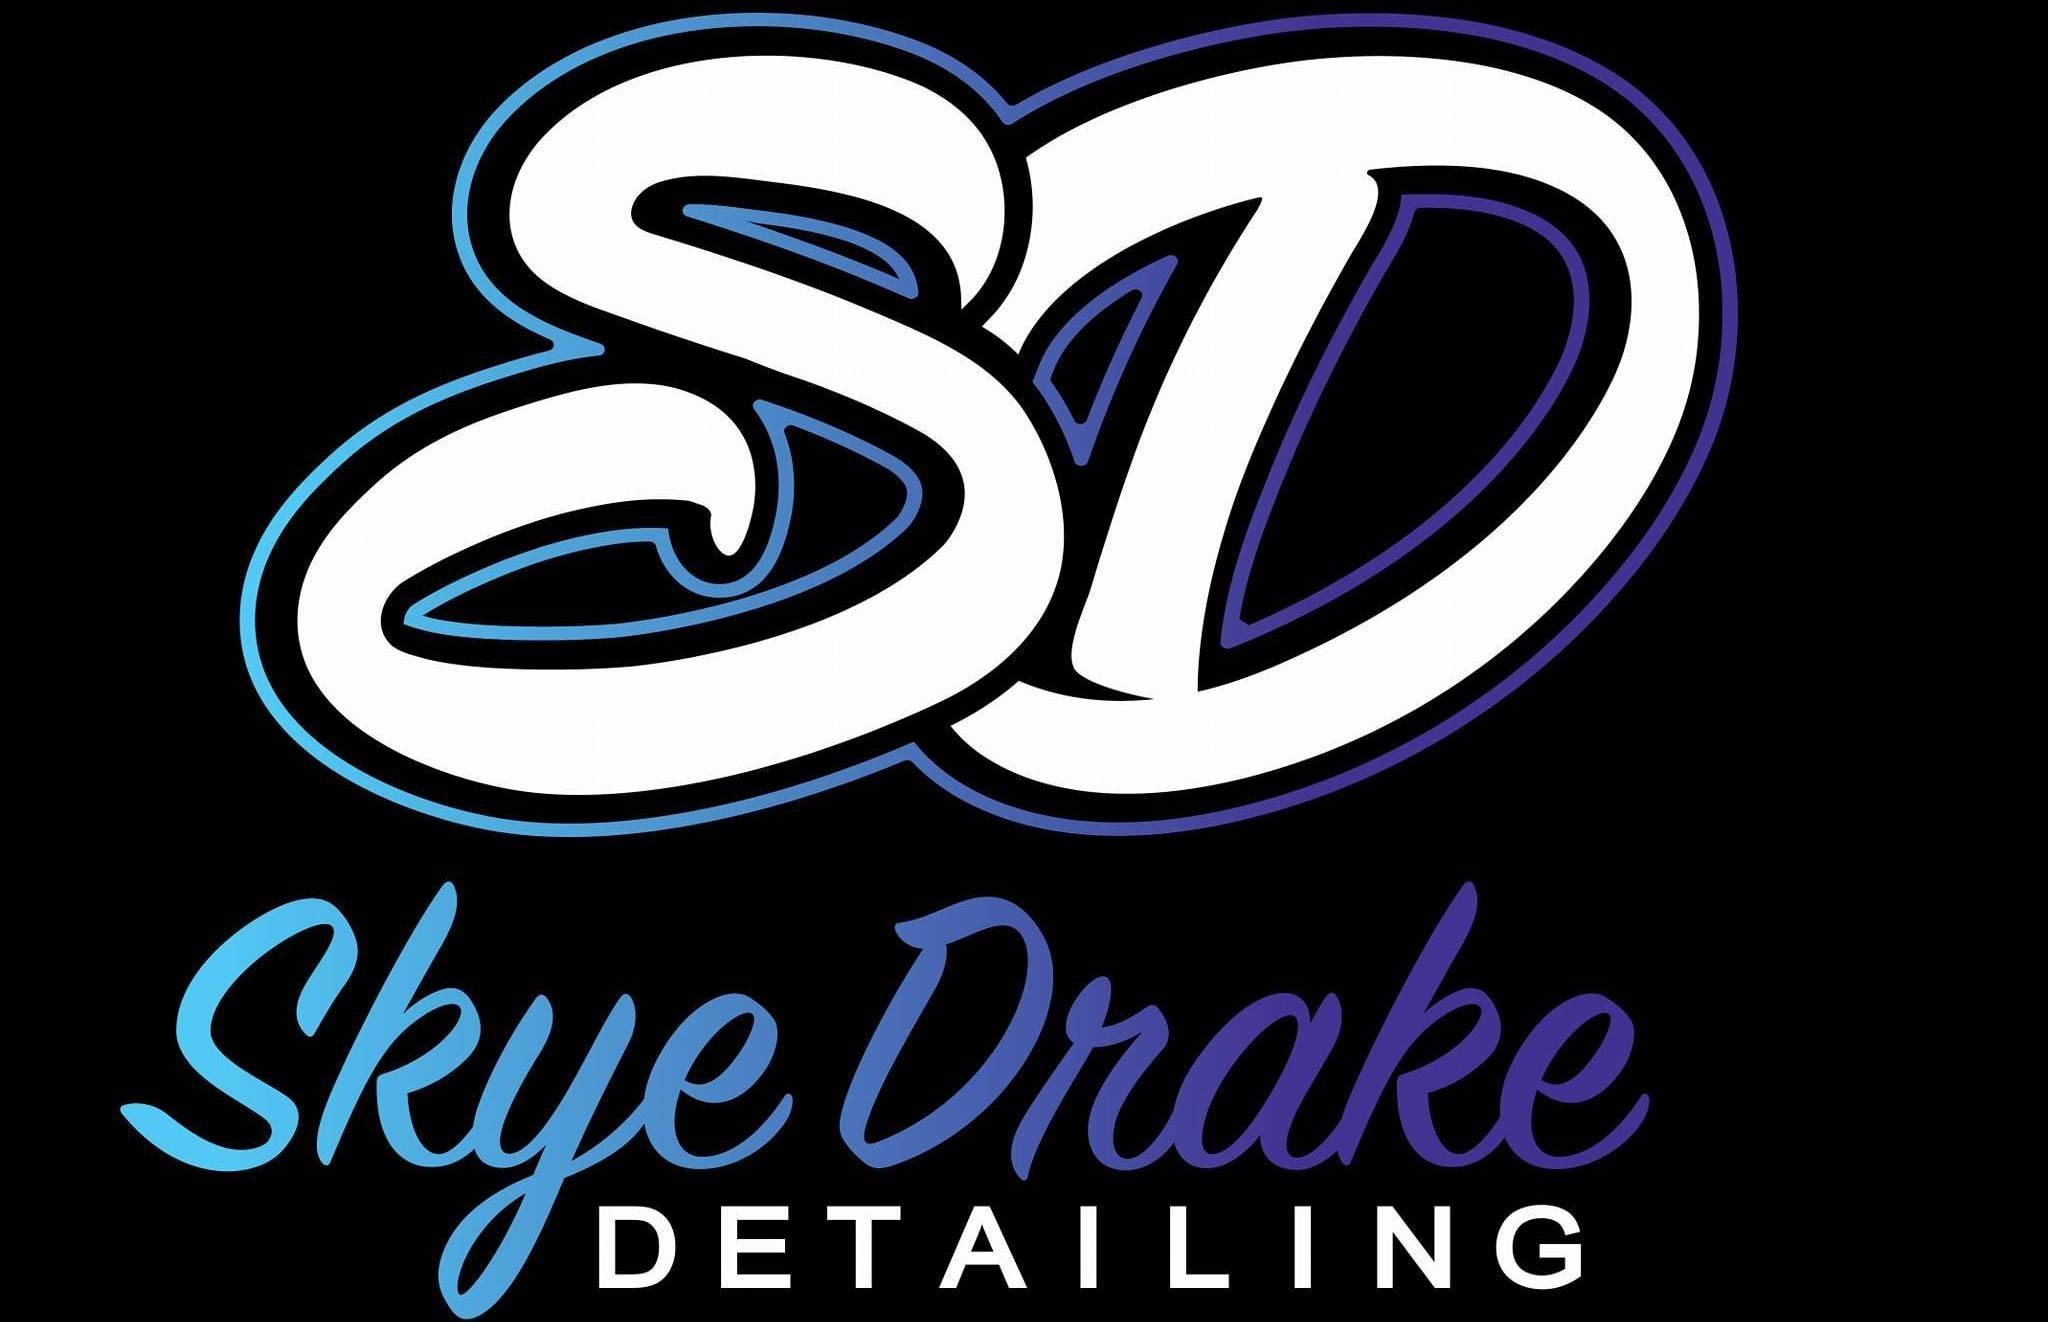 Skye Drake Detailing